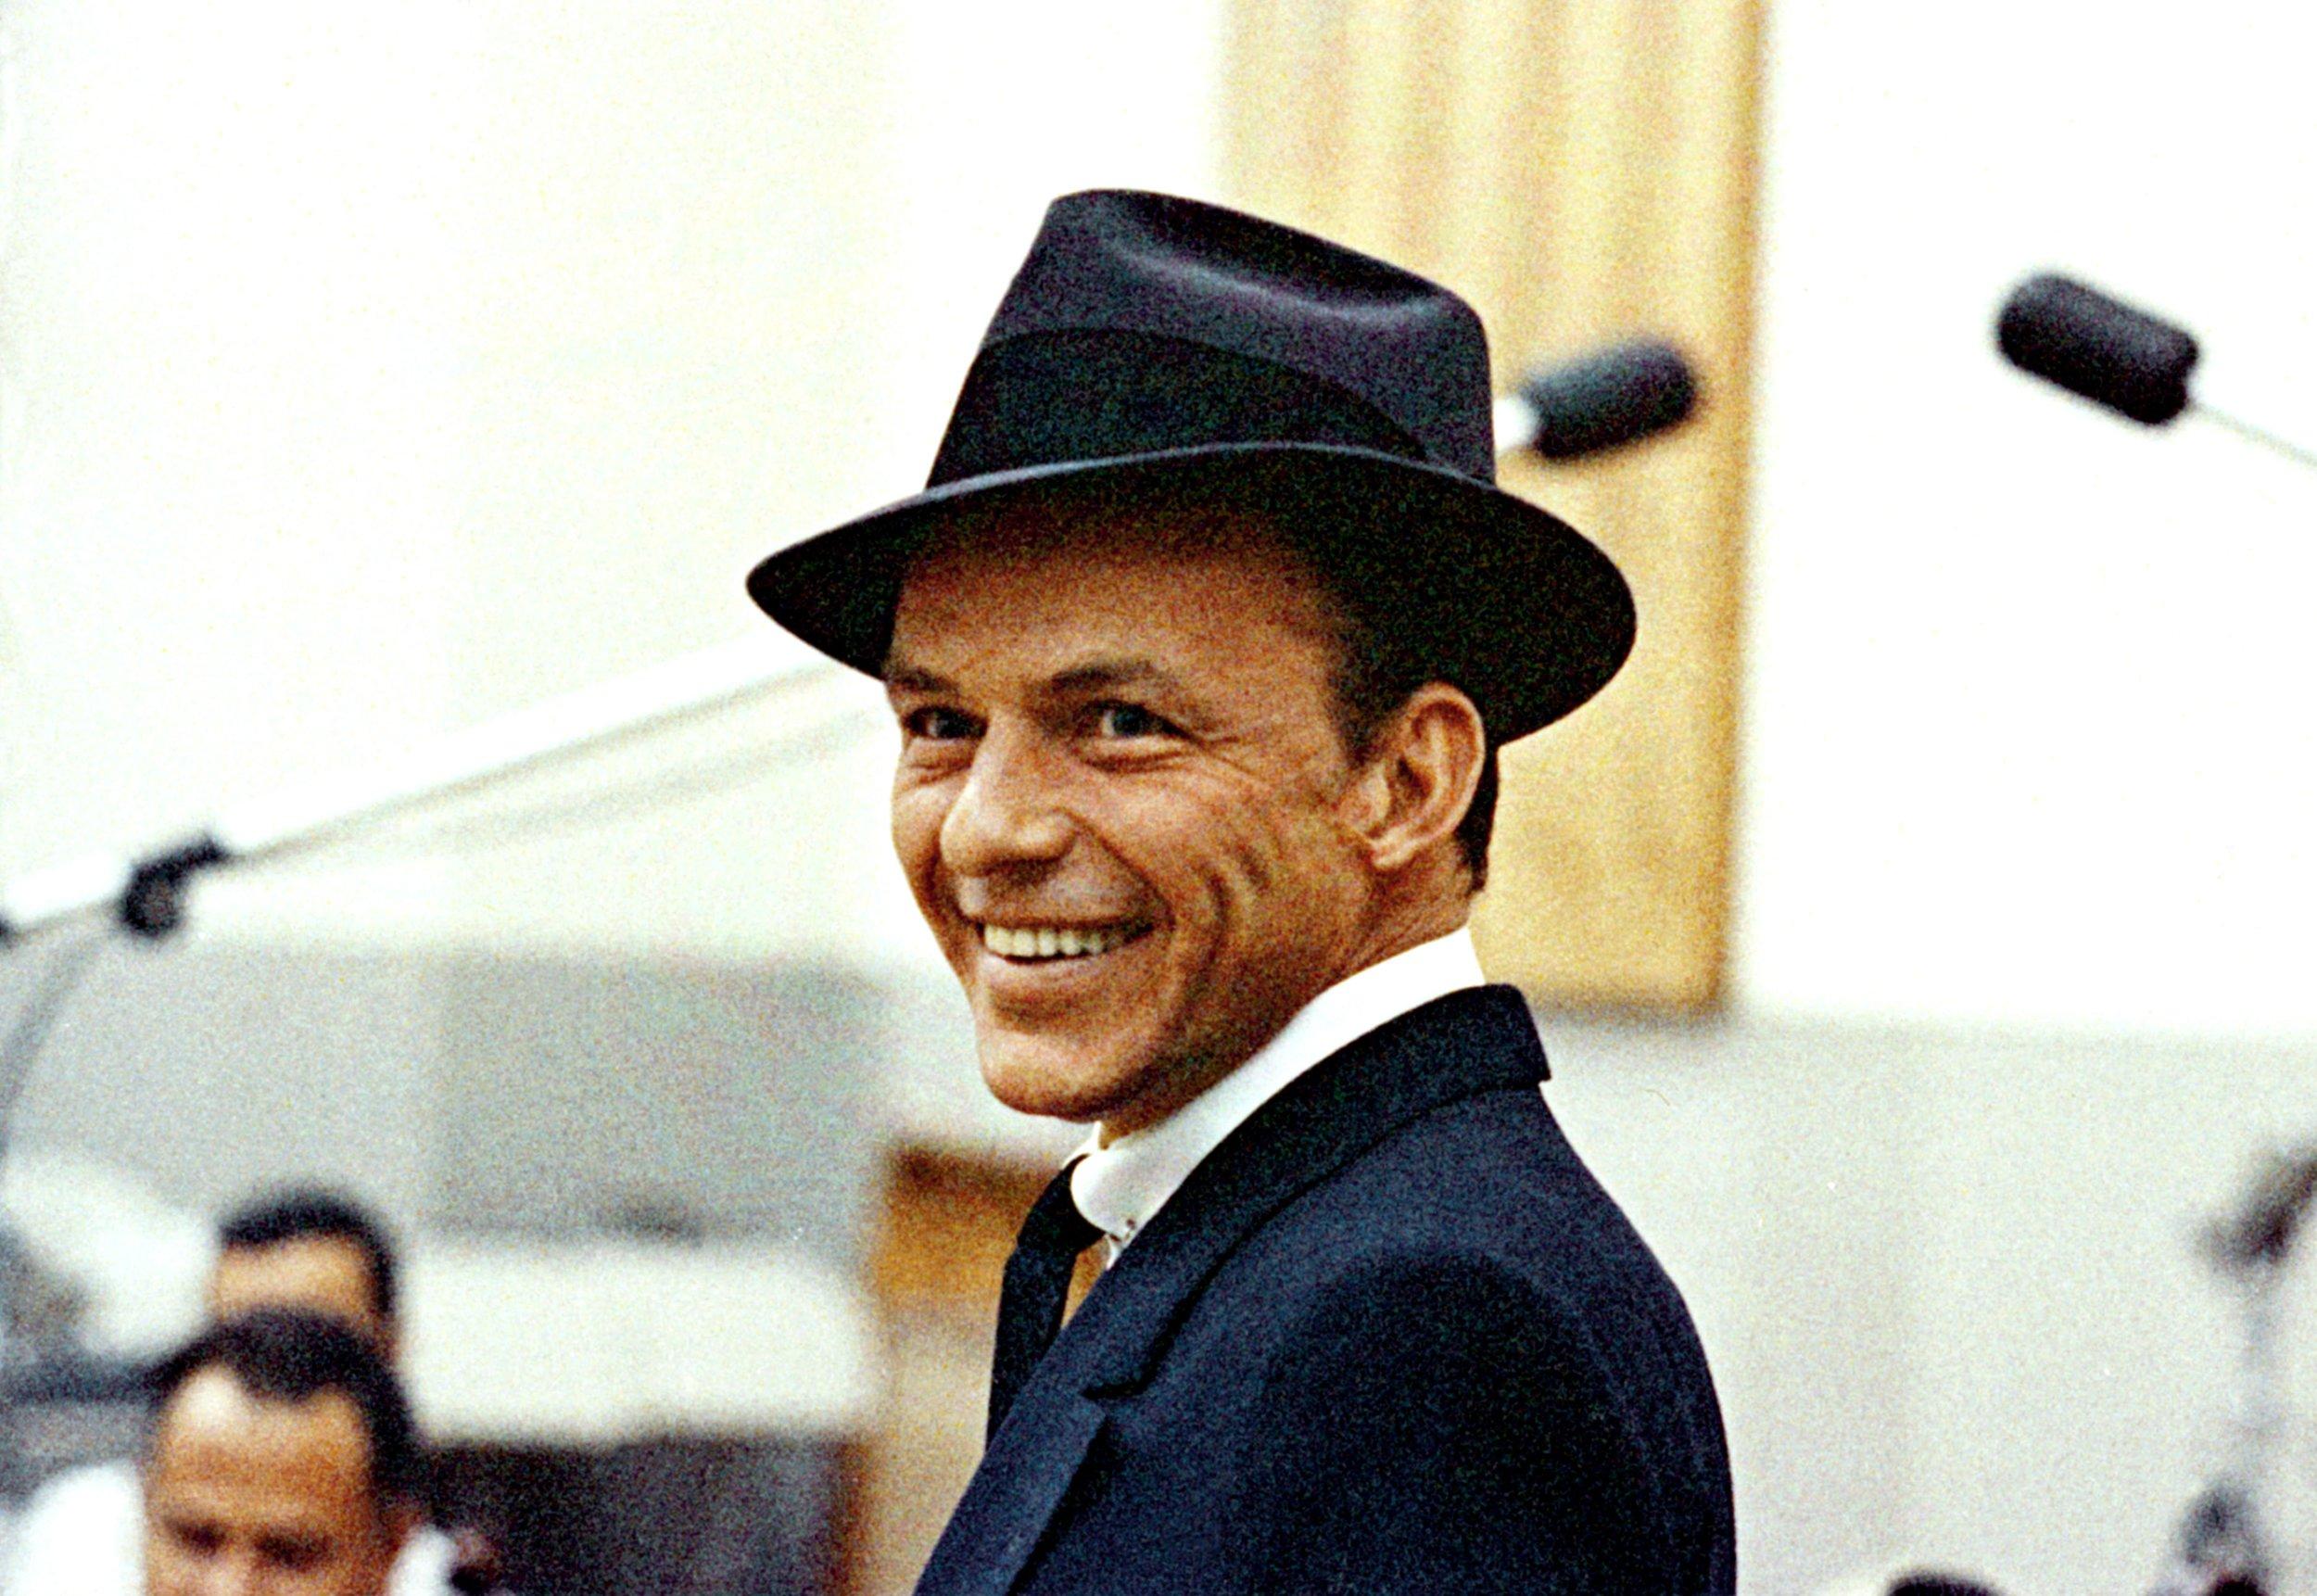 Frank_Sinatra_2.jpg